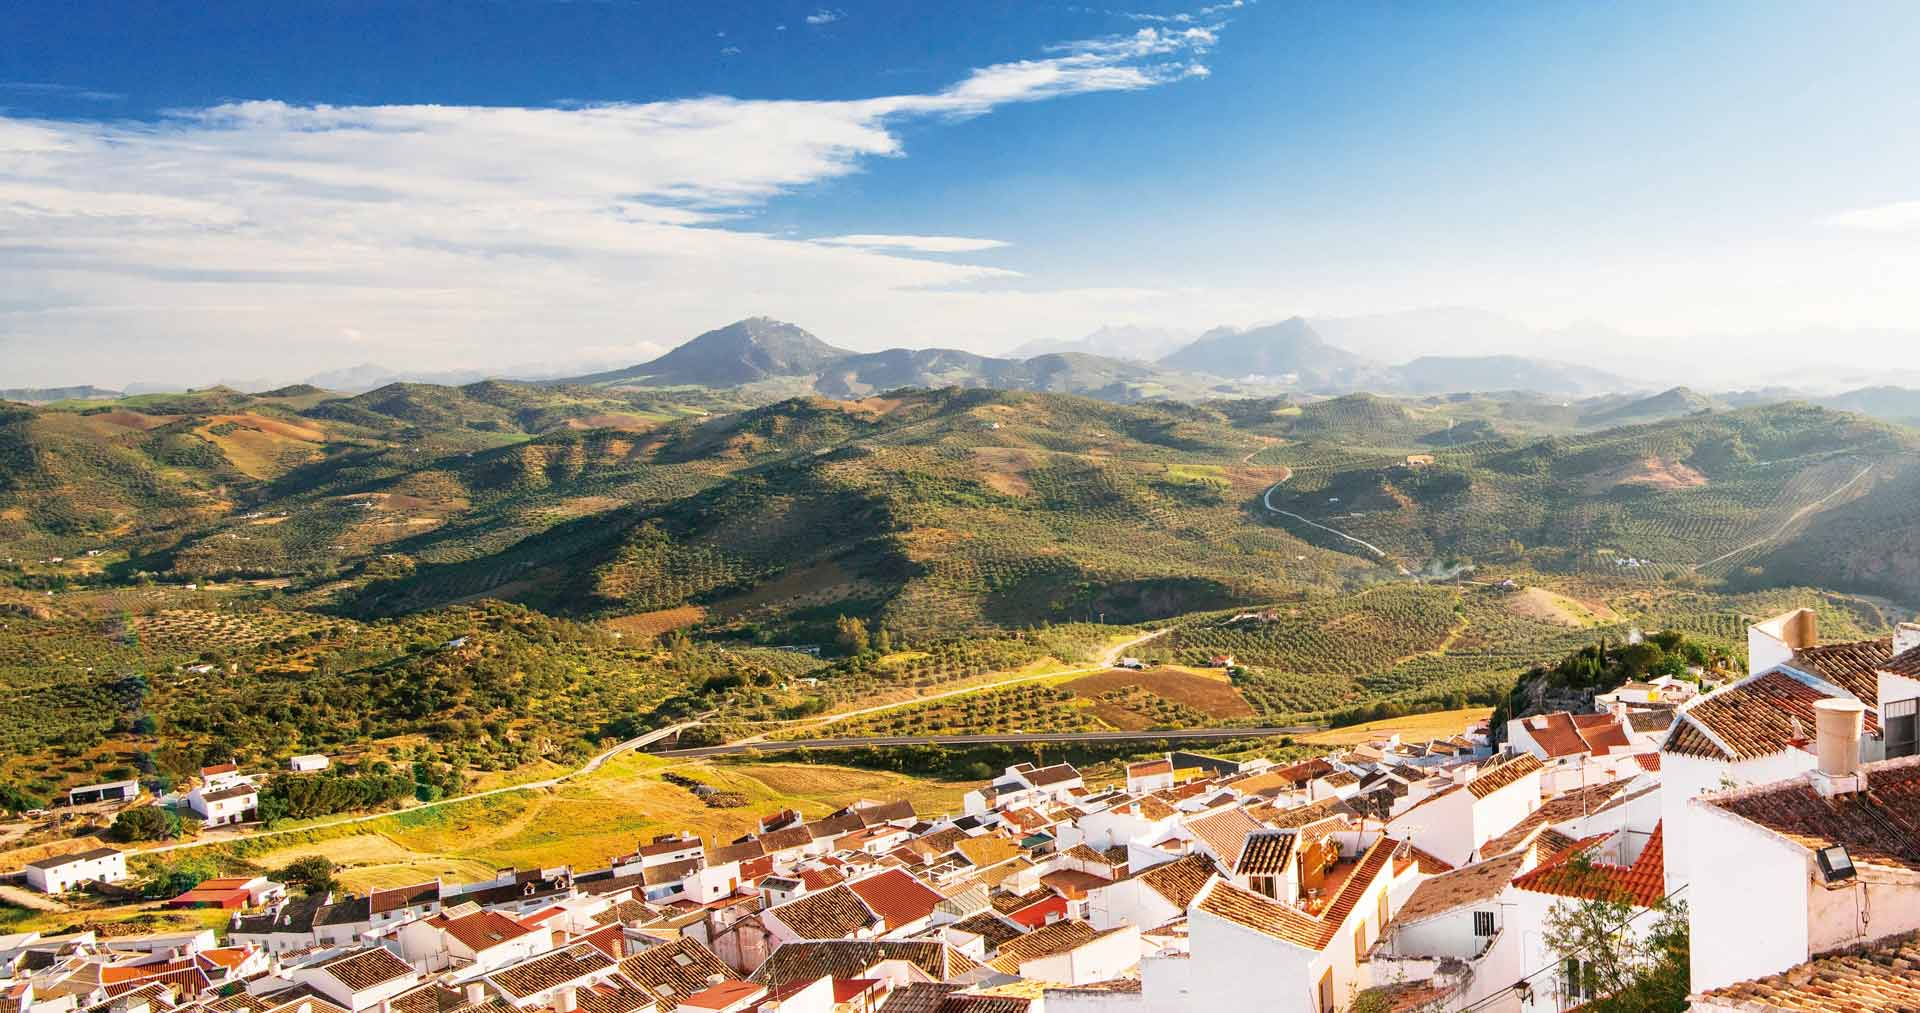 Asociación para el Desarrollo Rural de Andalucía